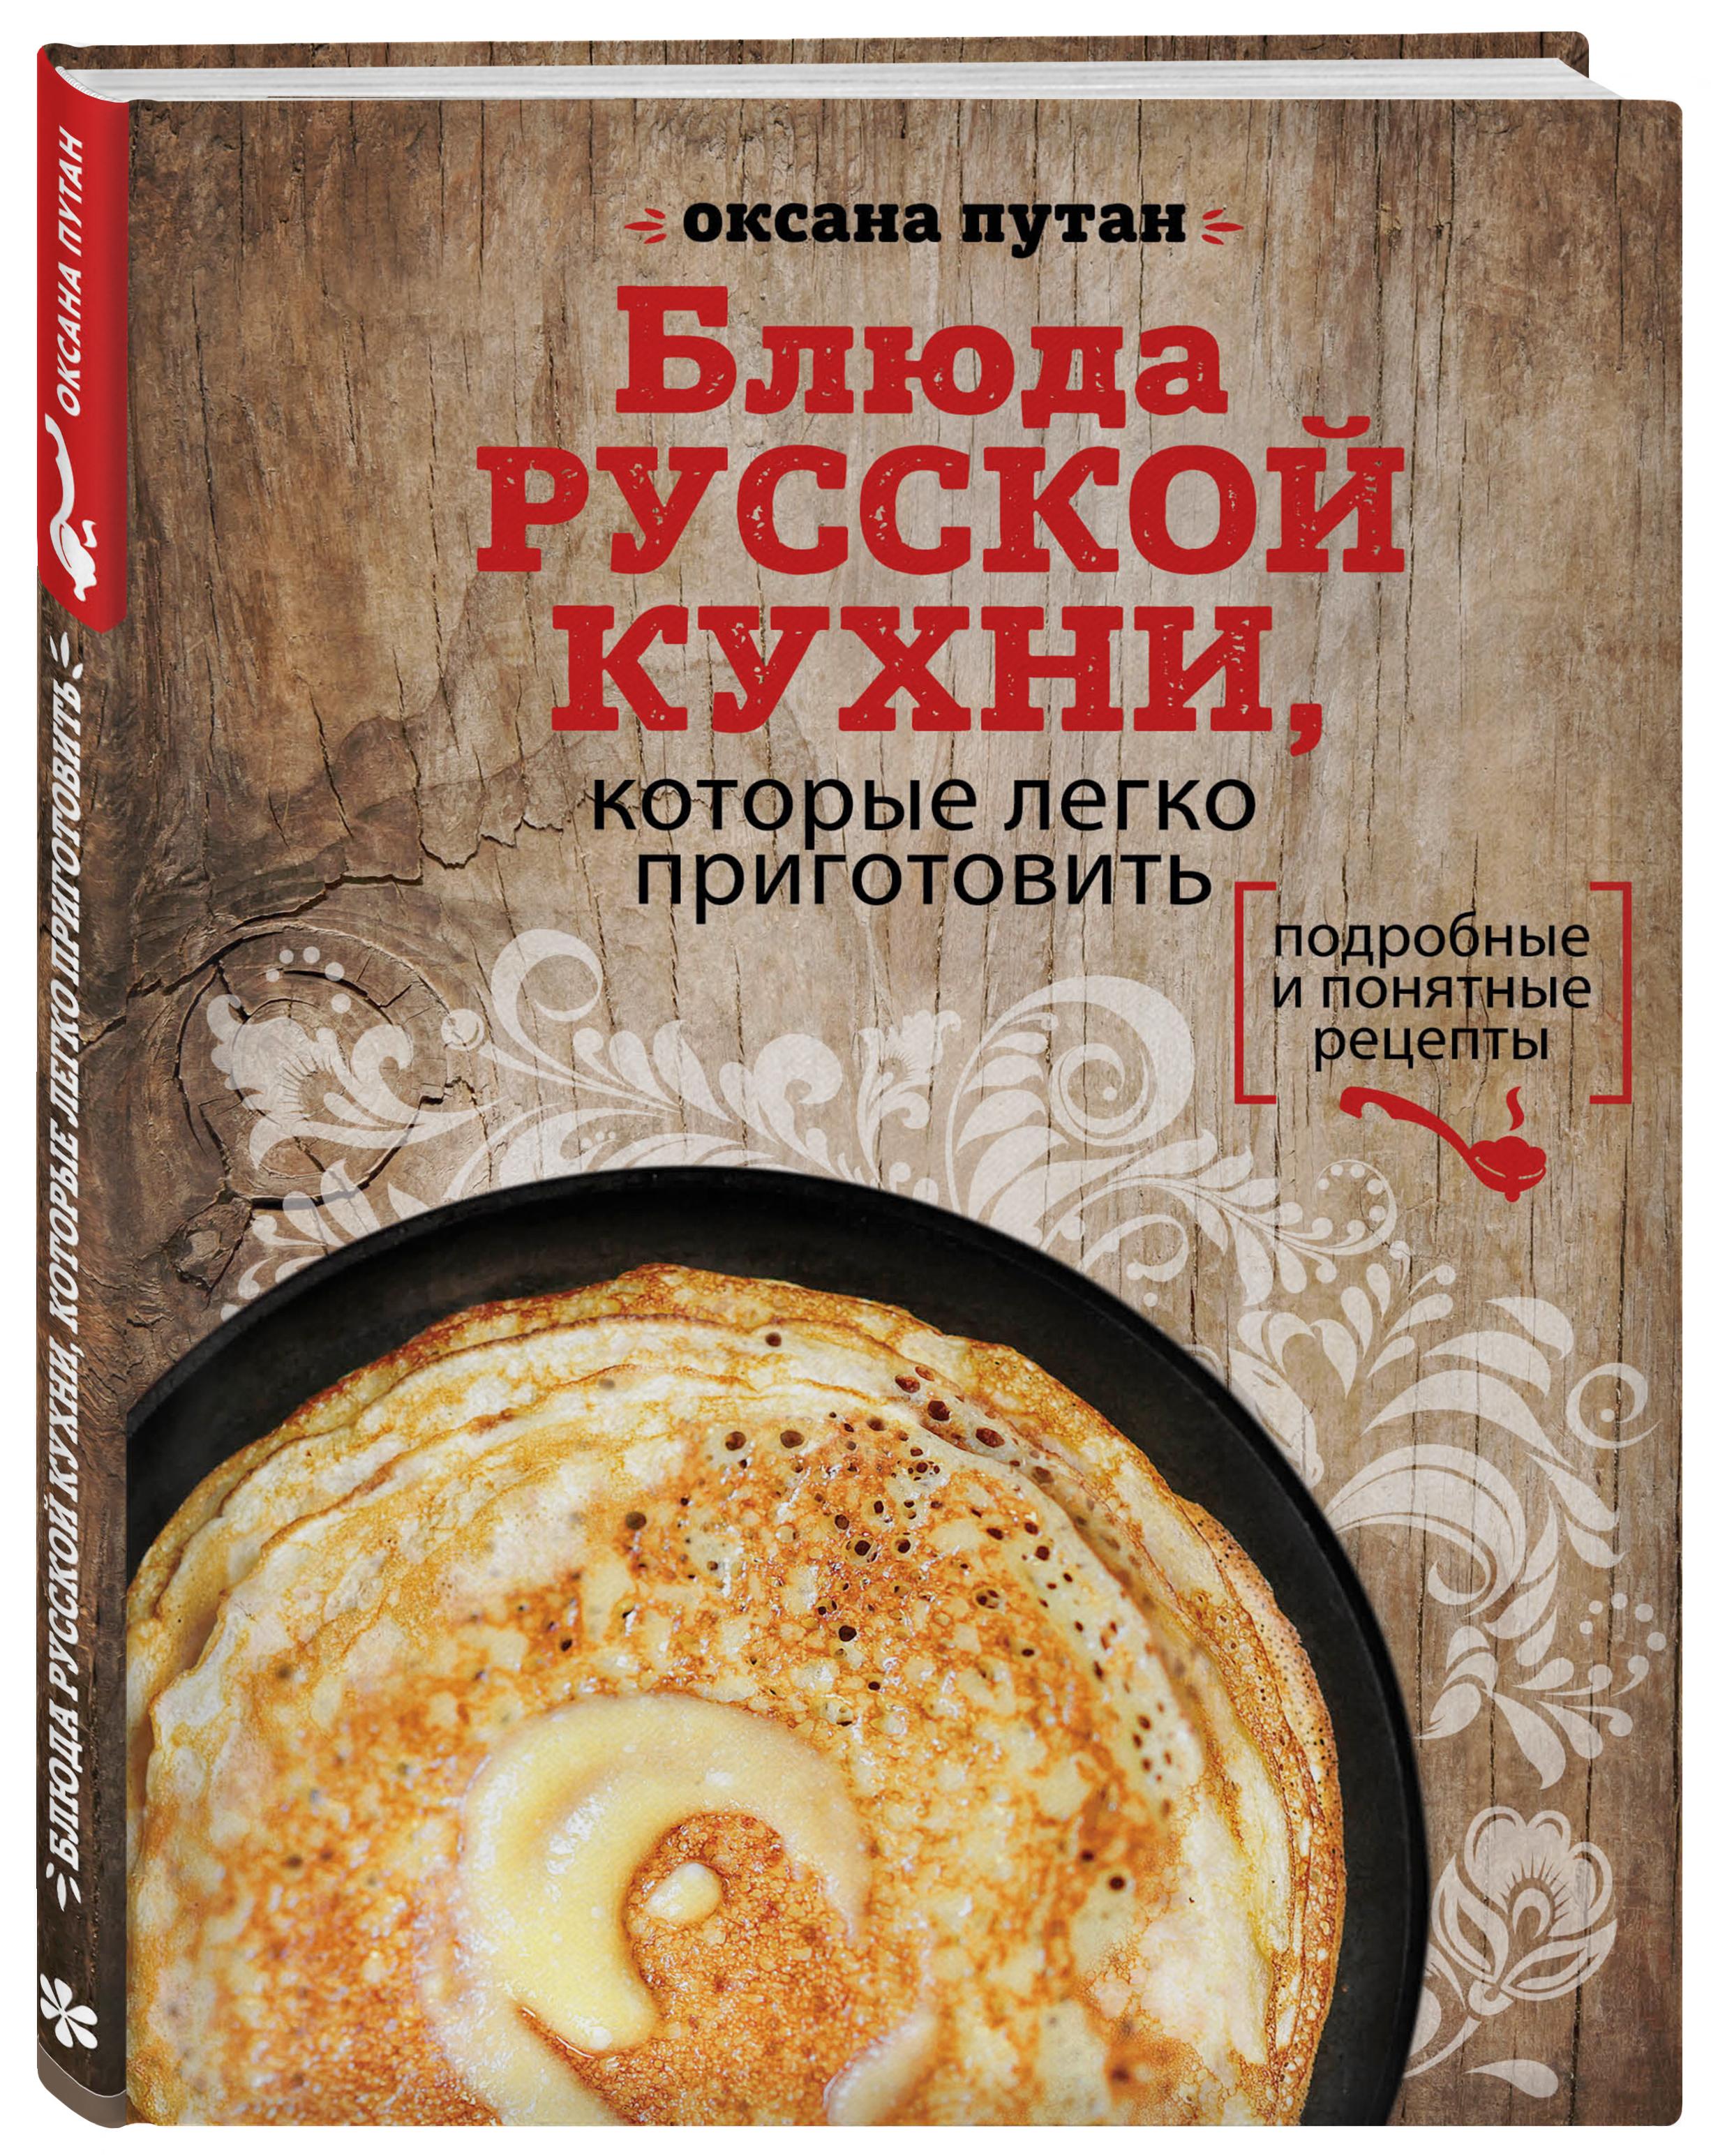 Блюда русской кухни, которые легко приготовить ( Оксана Путан  )